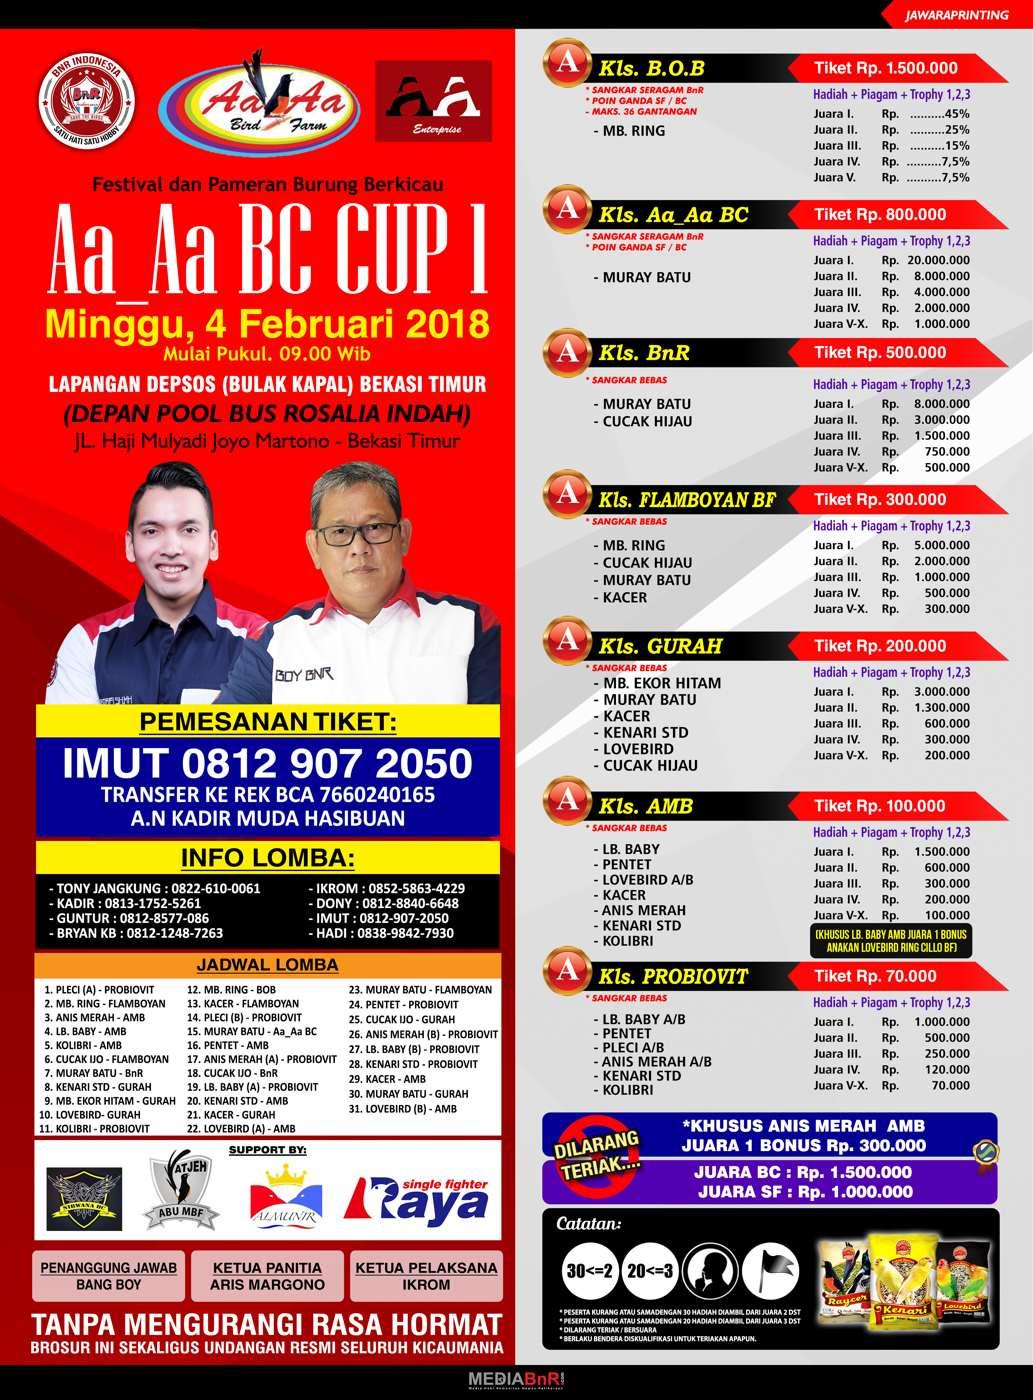 BROSUR AA_AA BC CUP 1